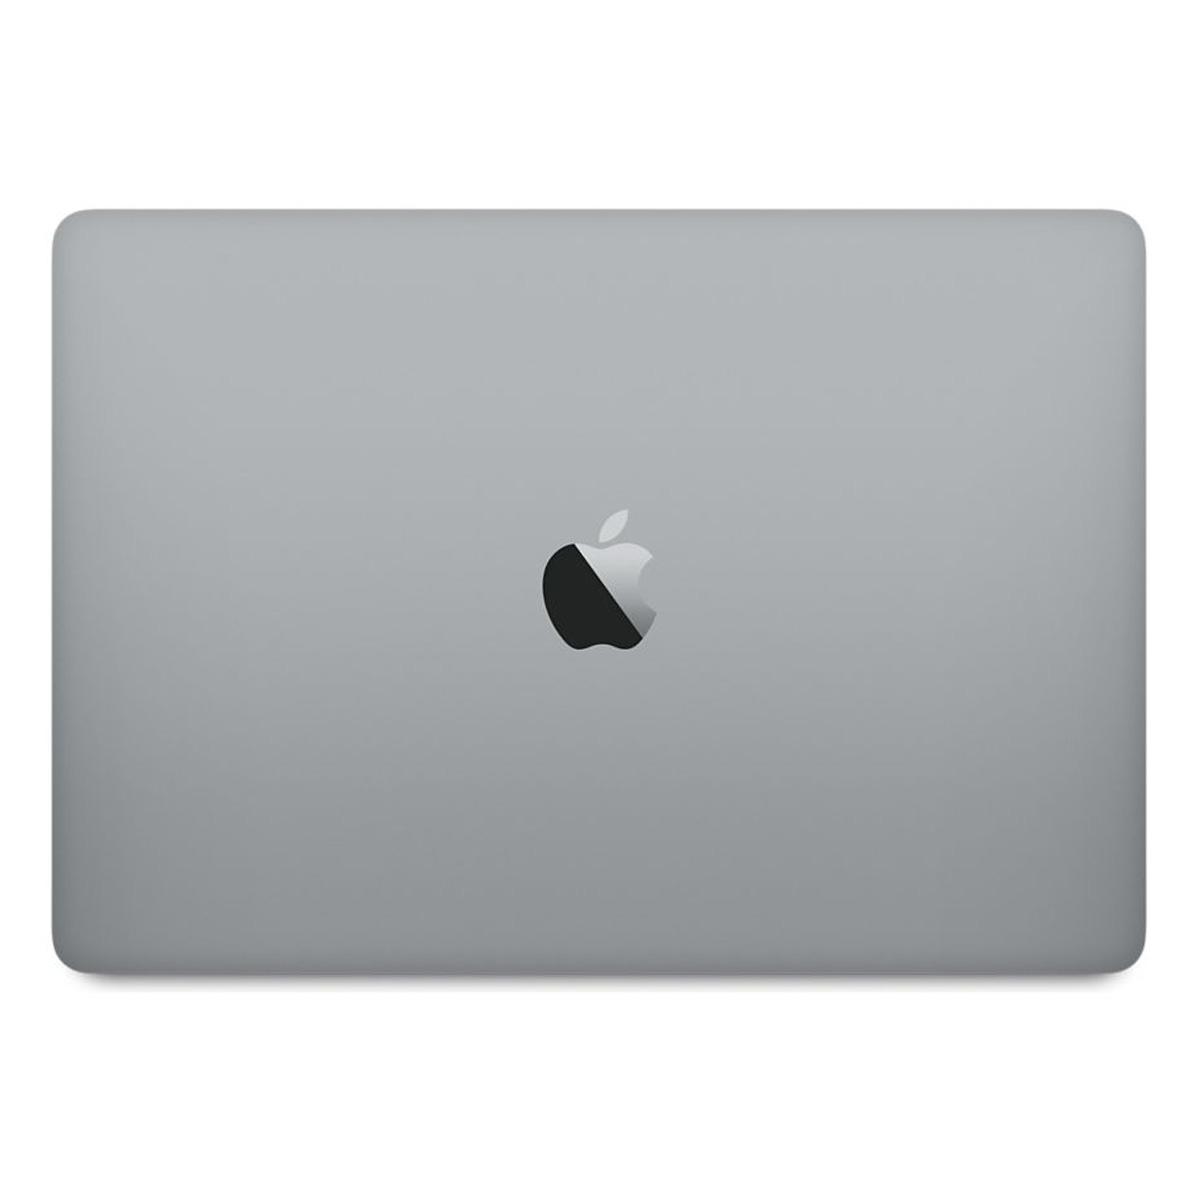 Relaxing Apple Macbook Pro Touch Apple Macbook Pro Touch Amd Radeon Pro 560 Vs 555 Radeon Pro 560 Vs 560x dpreview Radeon Pro 560